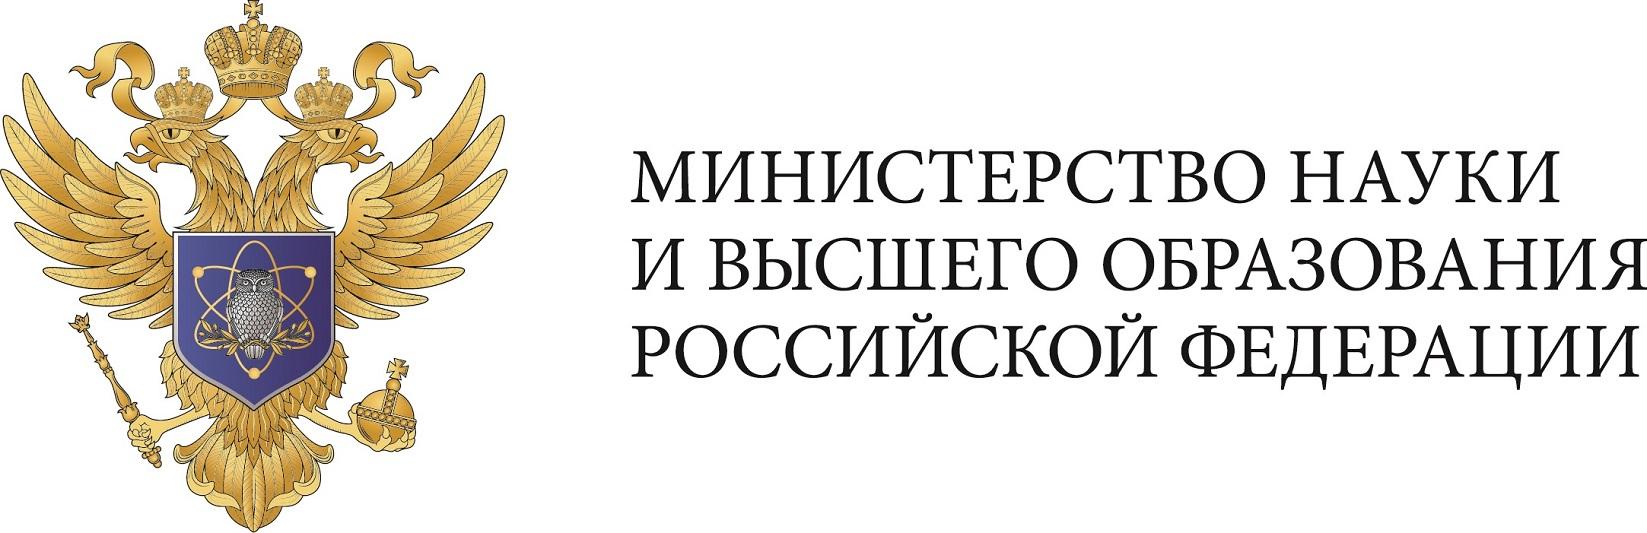 emb_med